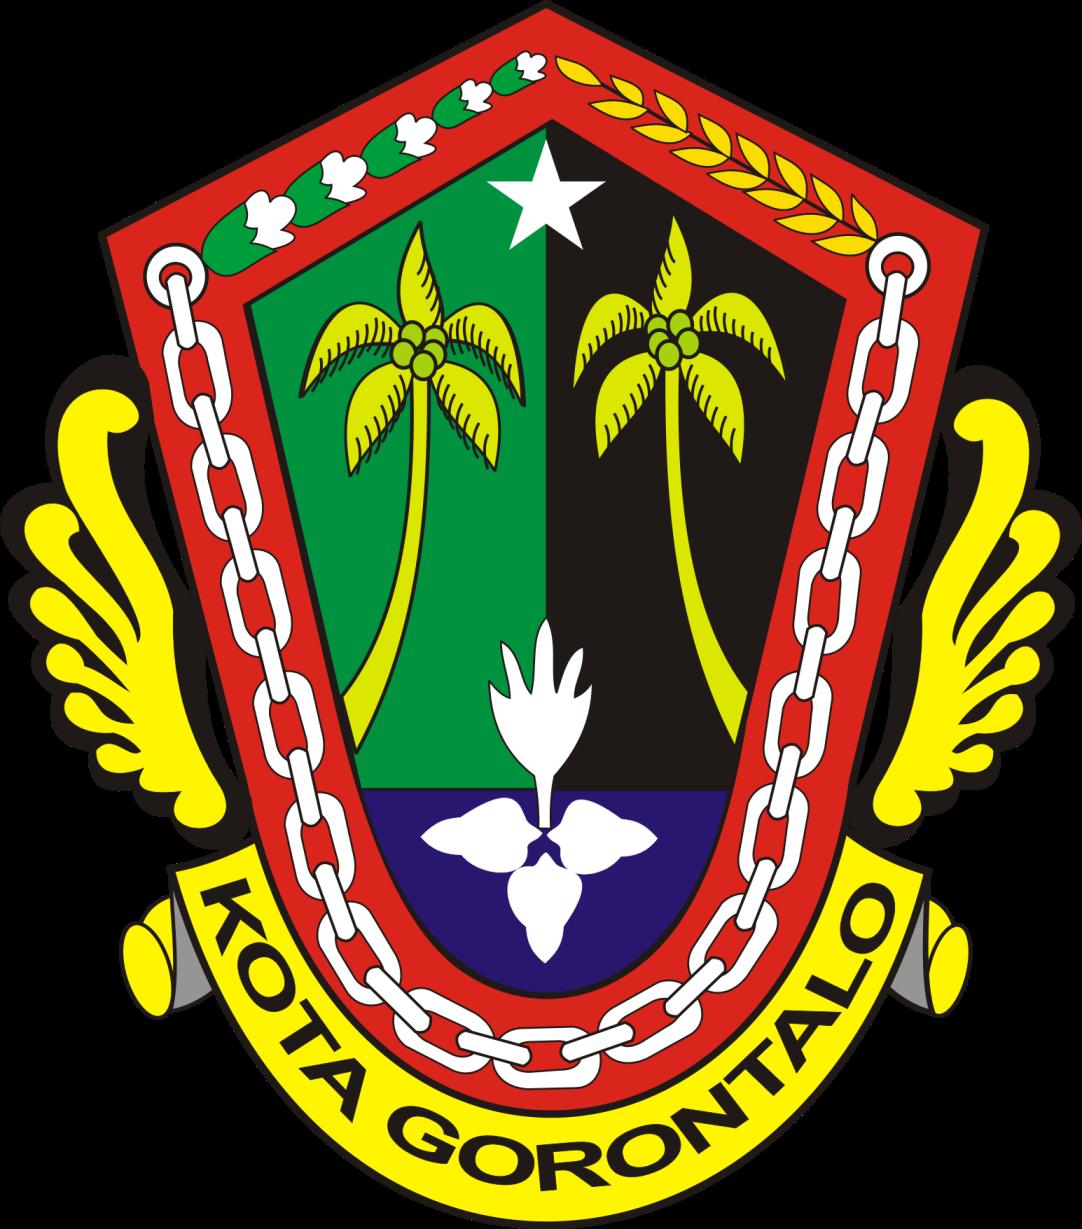 Logo Propinsi Dan Kota Gorontalo Ardi La Madi S Blog